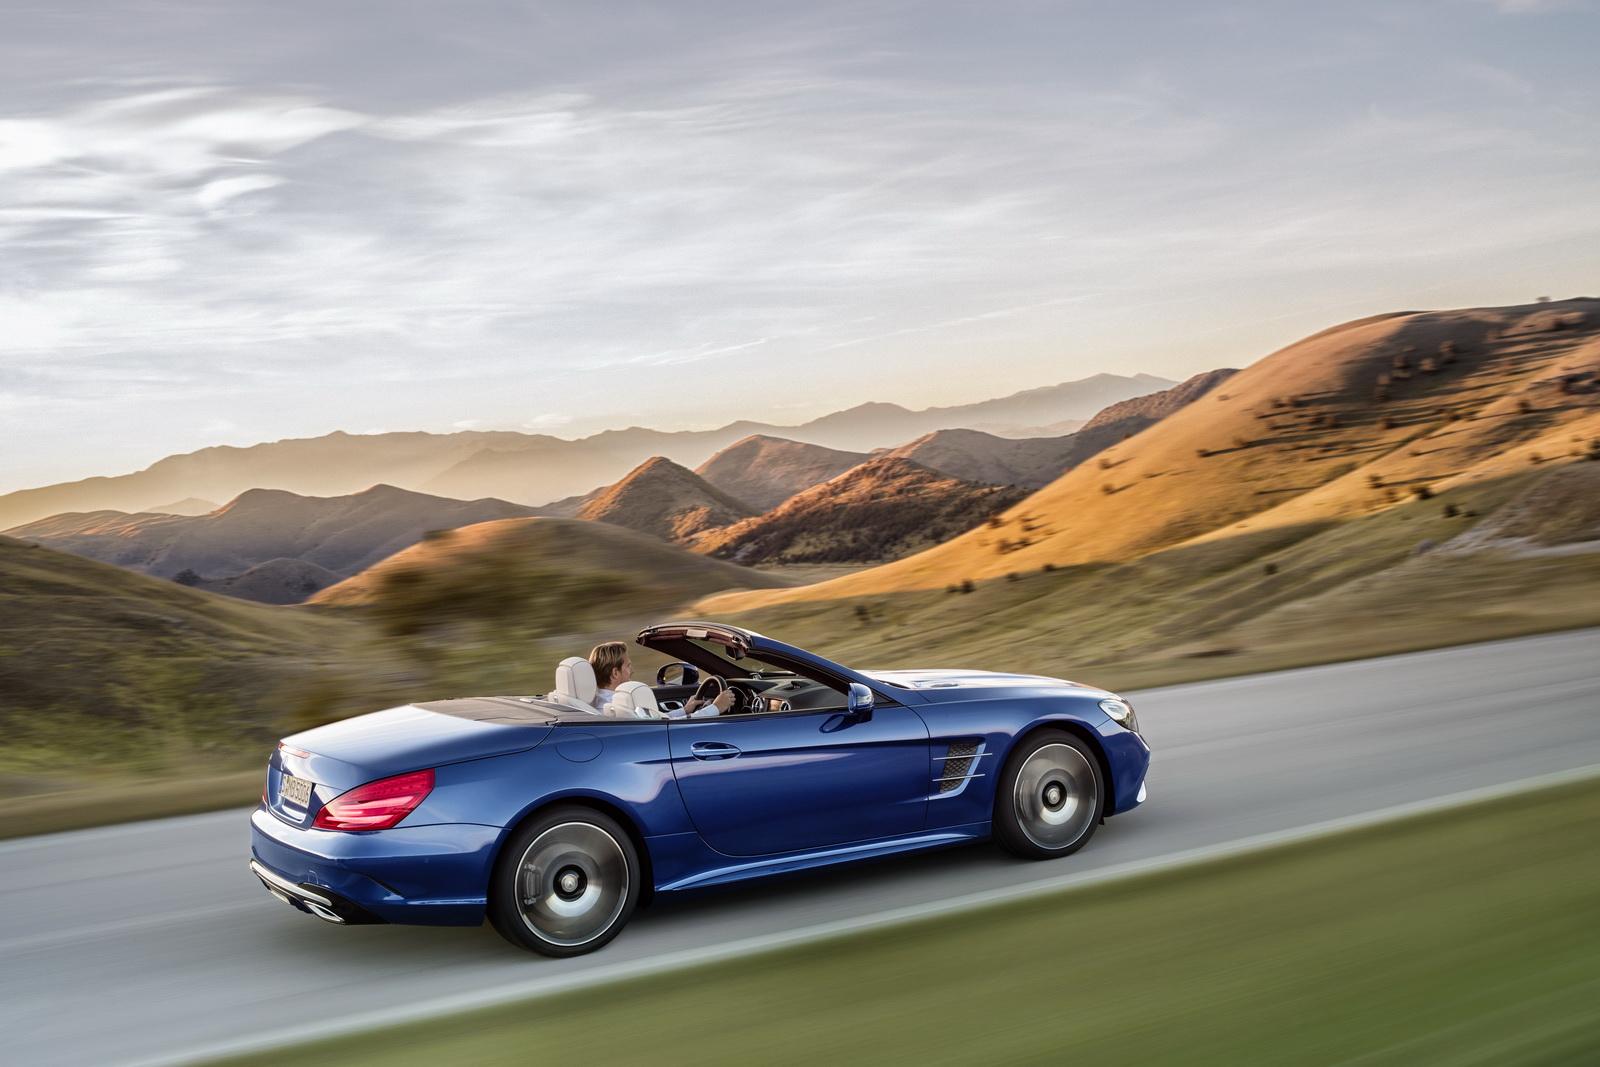 Mercedes Benz SL 500. Brillantblau Mit AMG Line